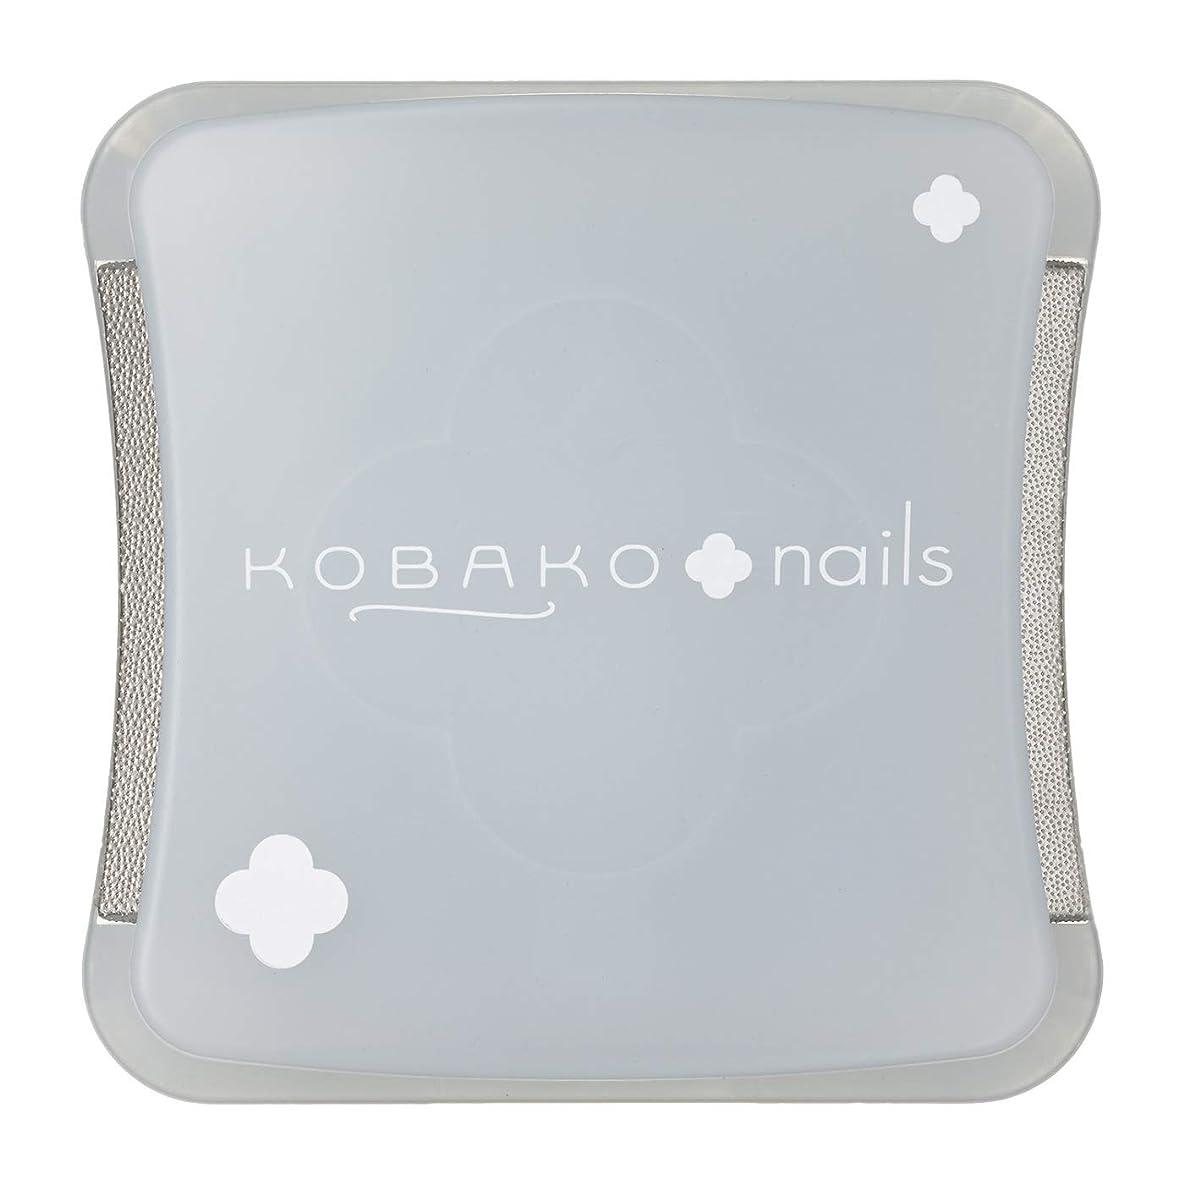 道路心理的に重要性KOBAKO(コバコ) コンパクトネイルファイル